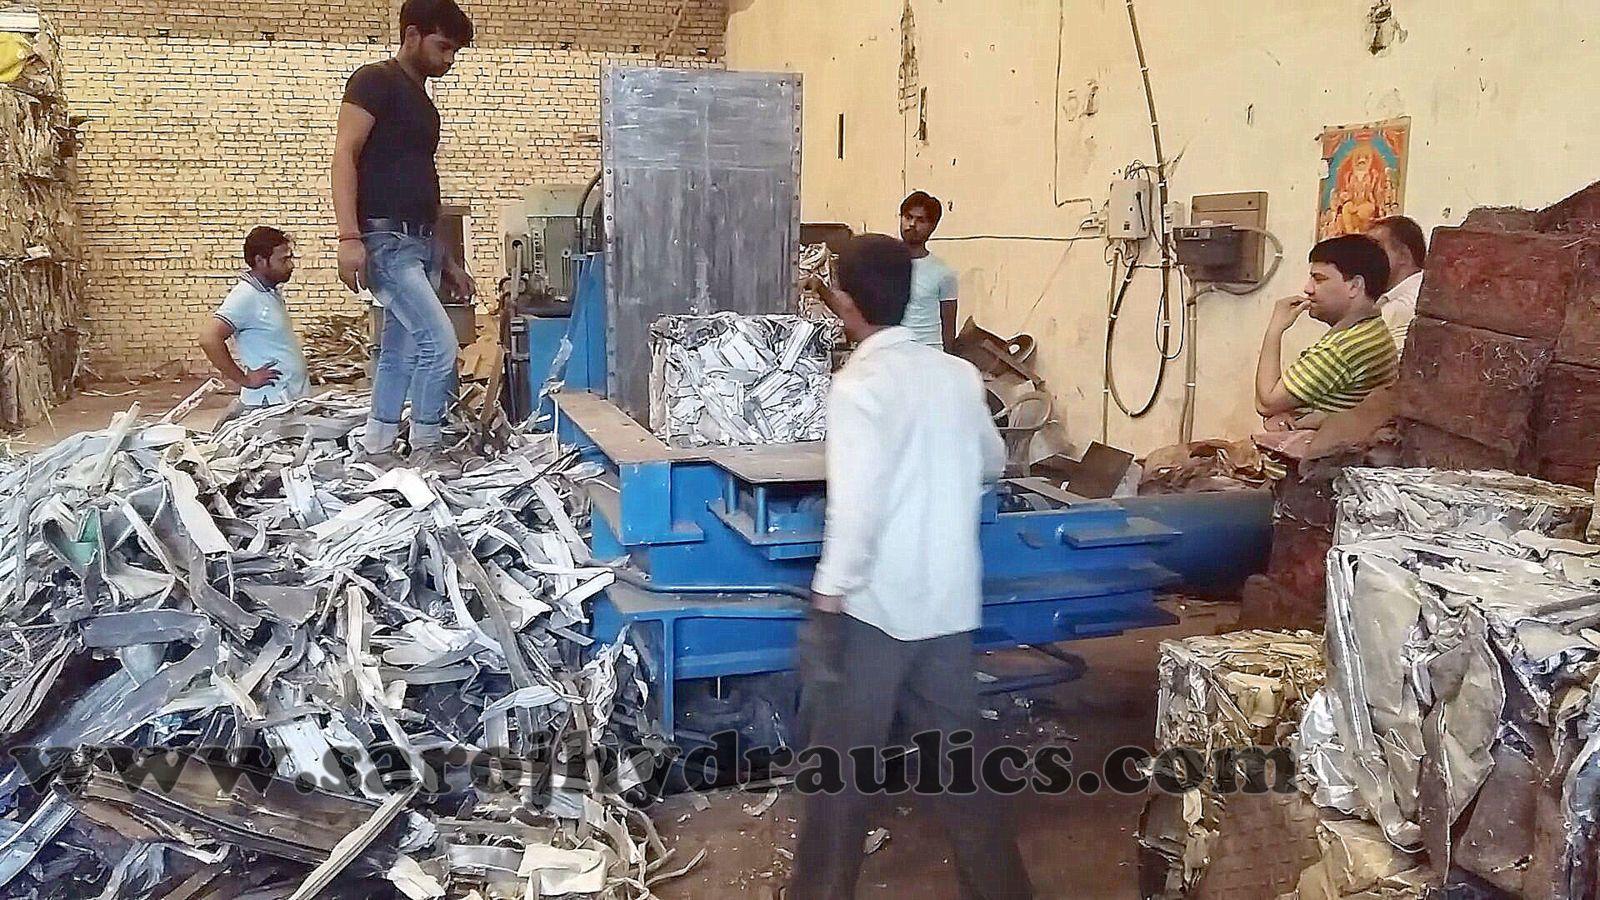 baling press machine,baling machine,waste paper baling machine,pet bottle baling machine,baling press,pet bottle baling press,hydraulic baling machine,paper baling machine